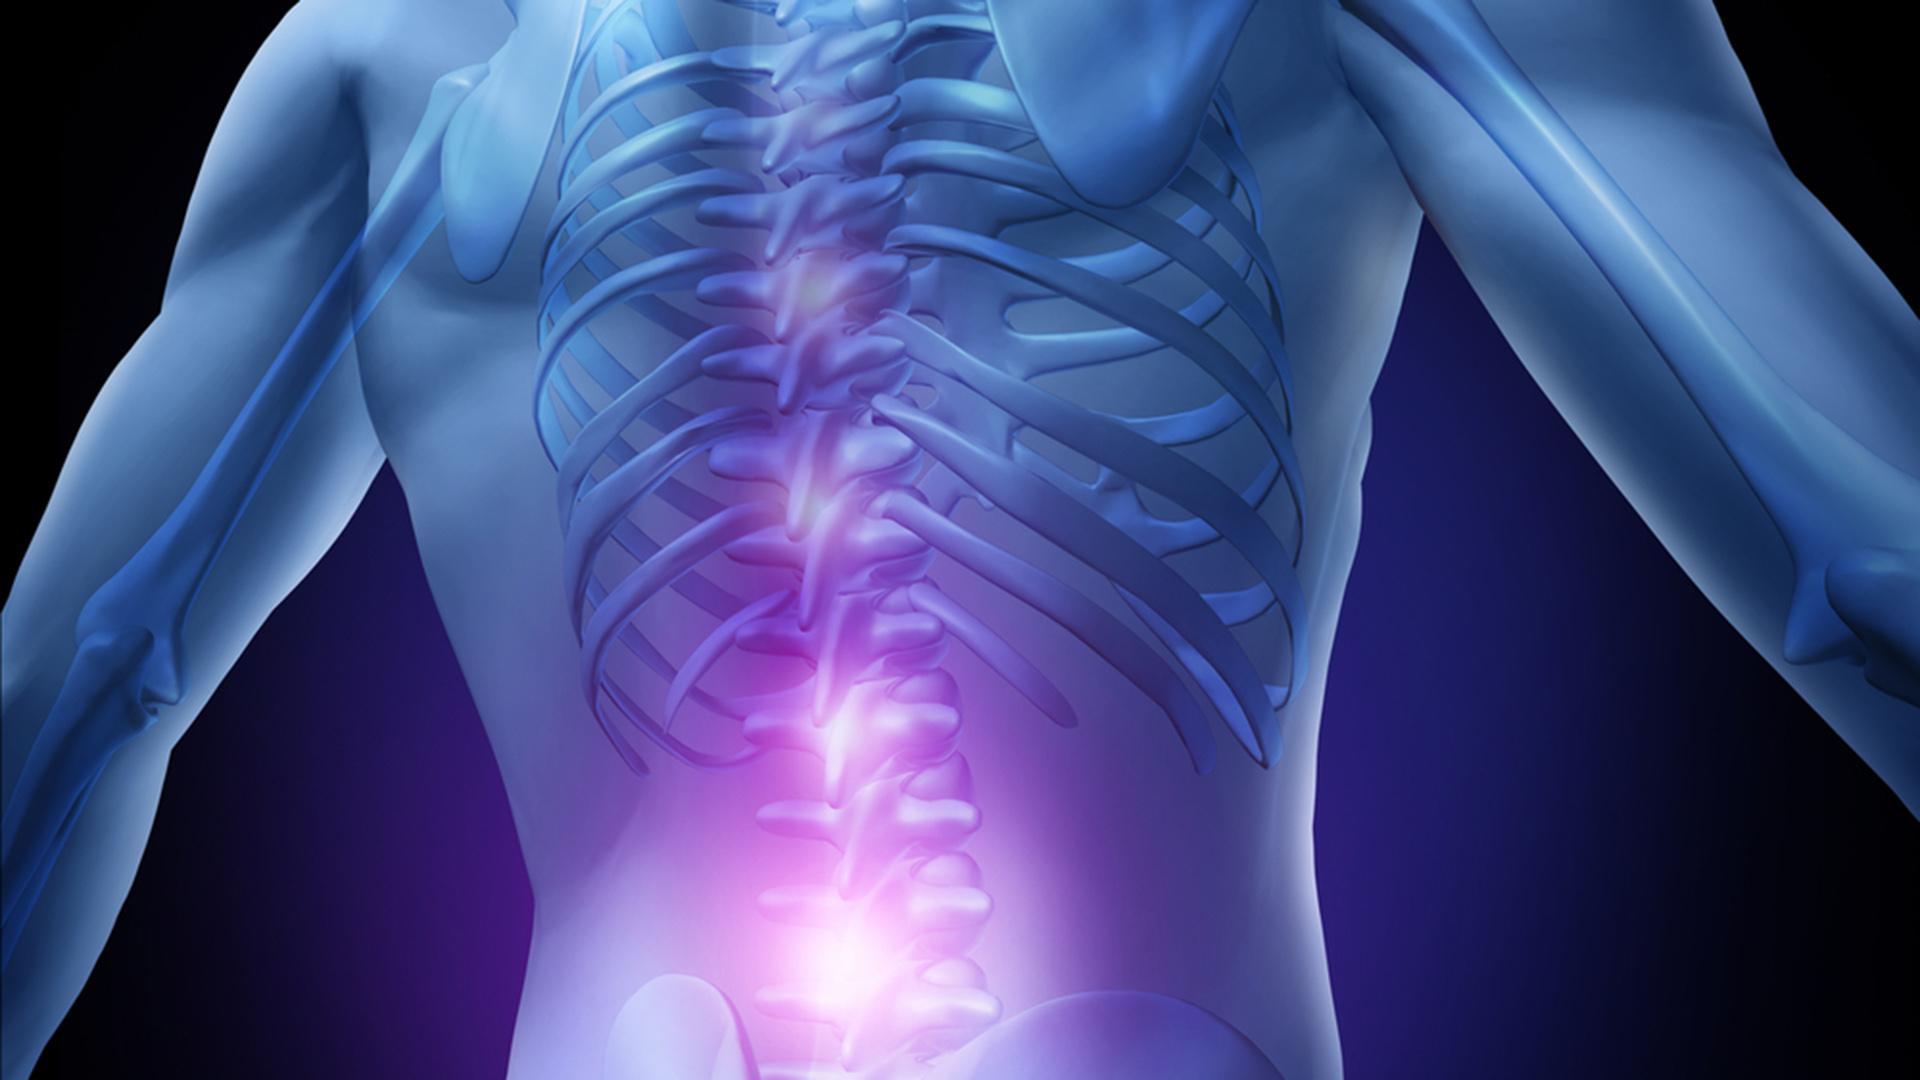 tratament de bază pentru artroza articulațiilor slăbiciune a durerii articulare greață